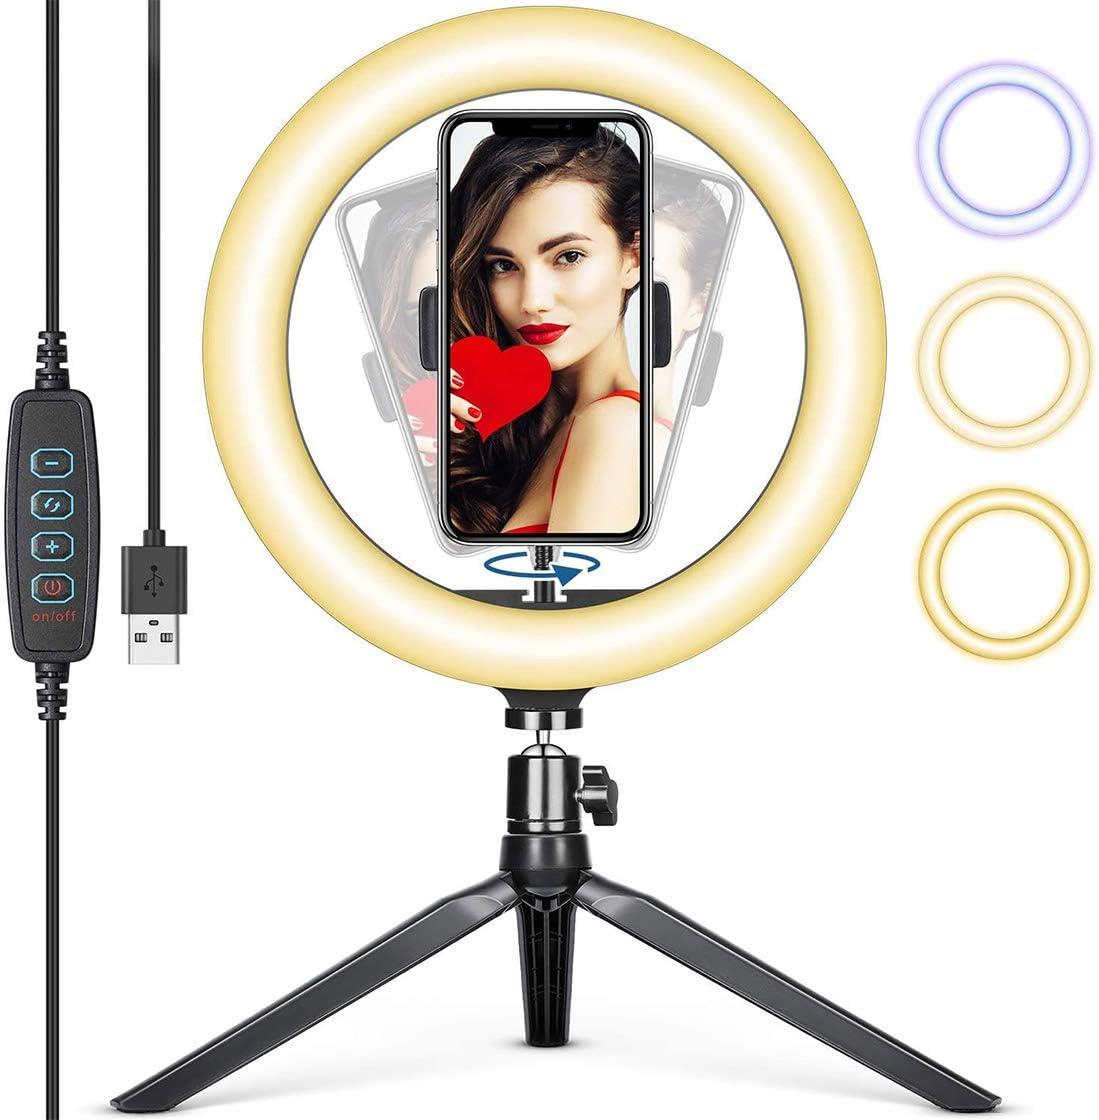 Tr/ípode con Soporte Giratorio de tel/éfono para Selfie TIK Tok Live Maquillaje 10.2 Aro de Luz fotografia de Escritorio 3 Colores y 10 Brillos Regulables Youtube Ventdest Luz de Anillo LED